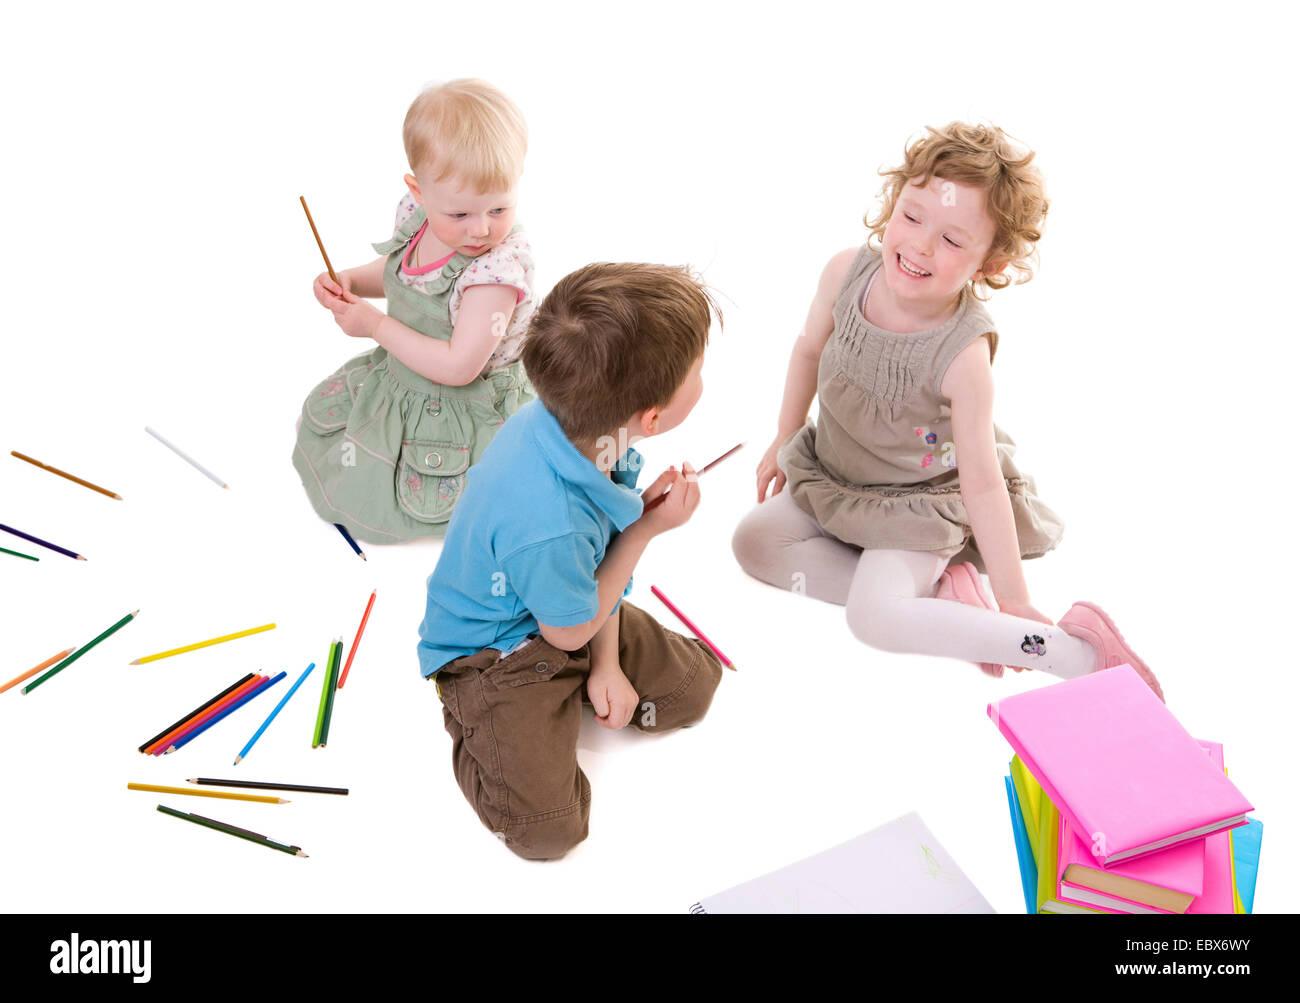 Los niños pequeños con lápices de dibujo Foto de stock